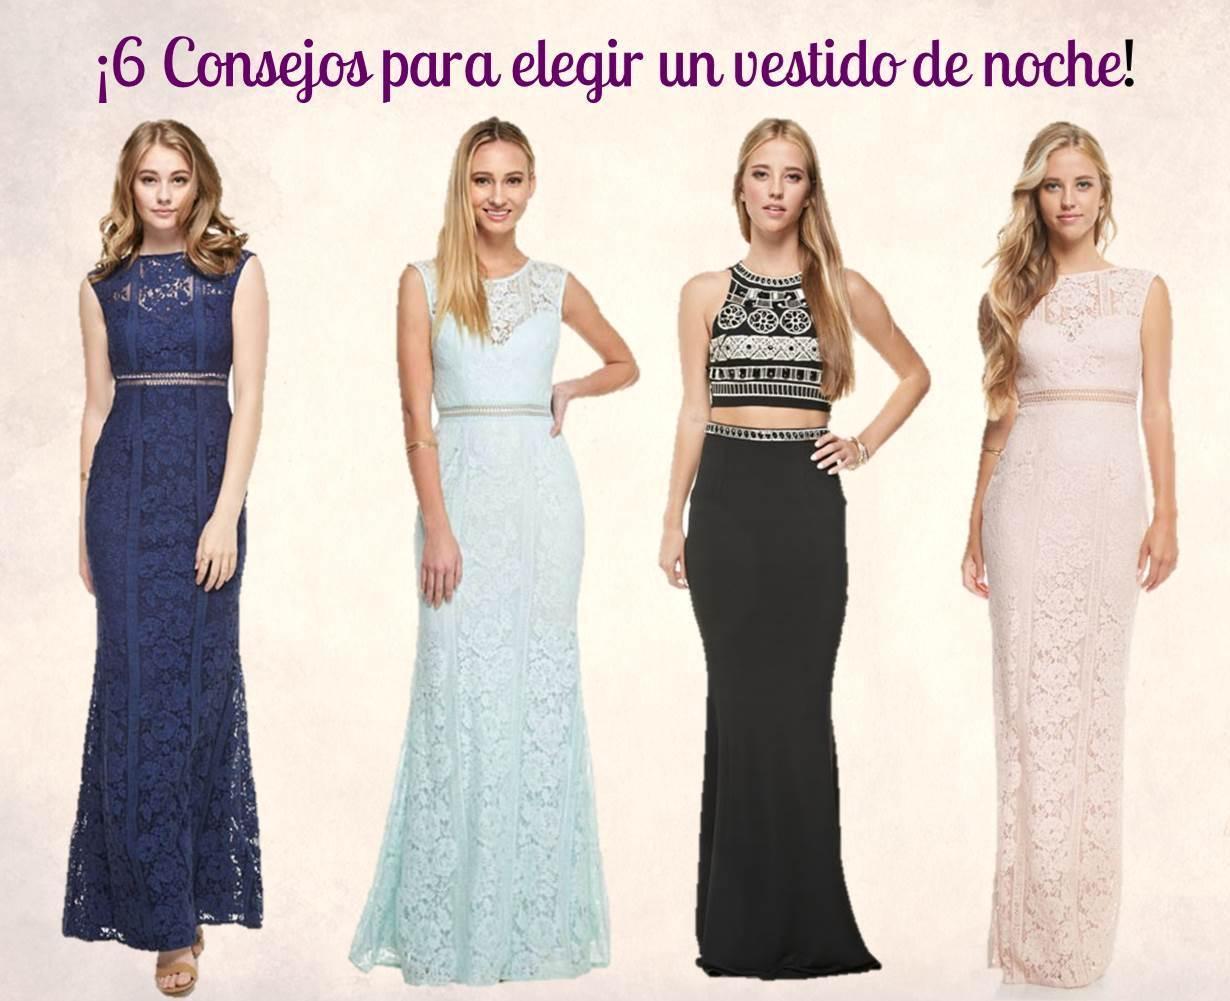 b324984bec ¡6 Consejos para elegir un vestido de noche!